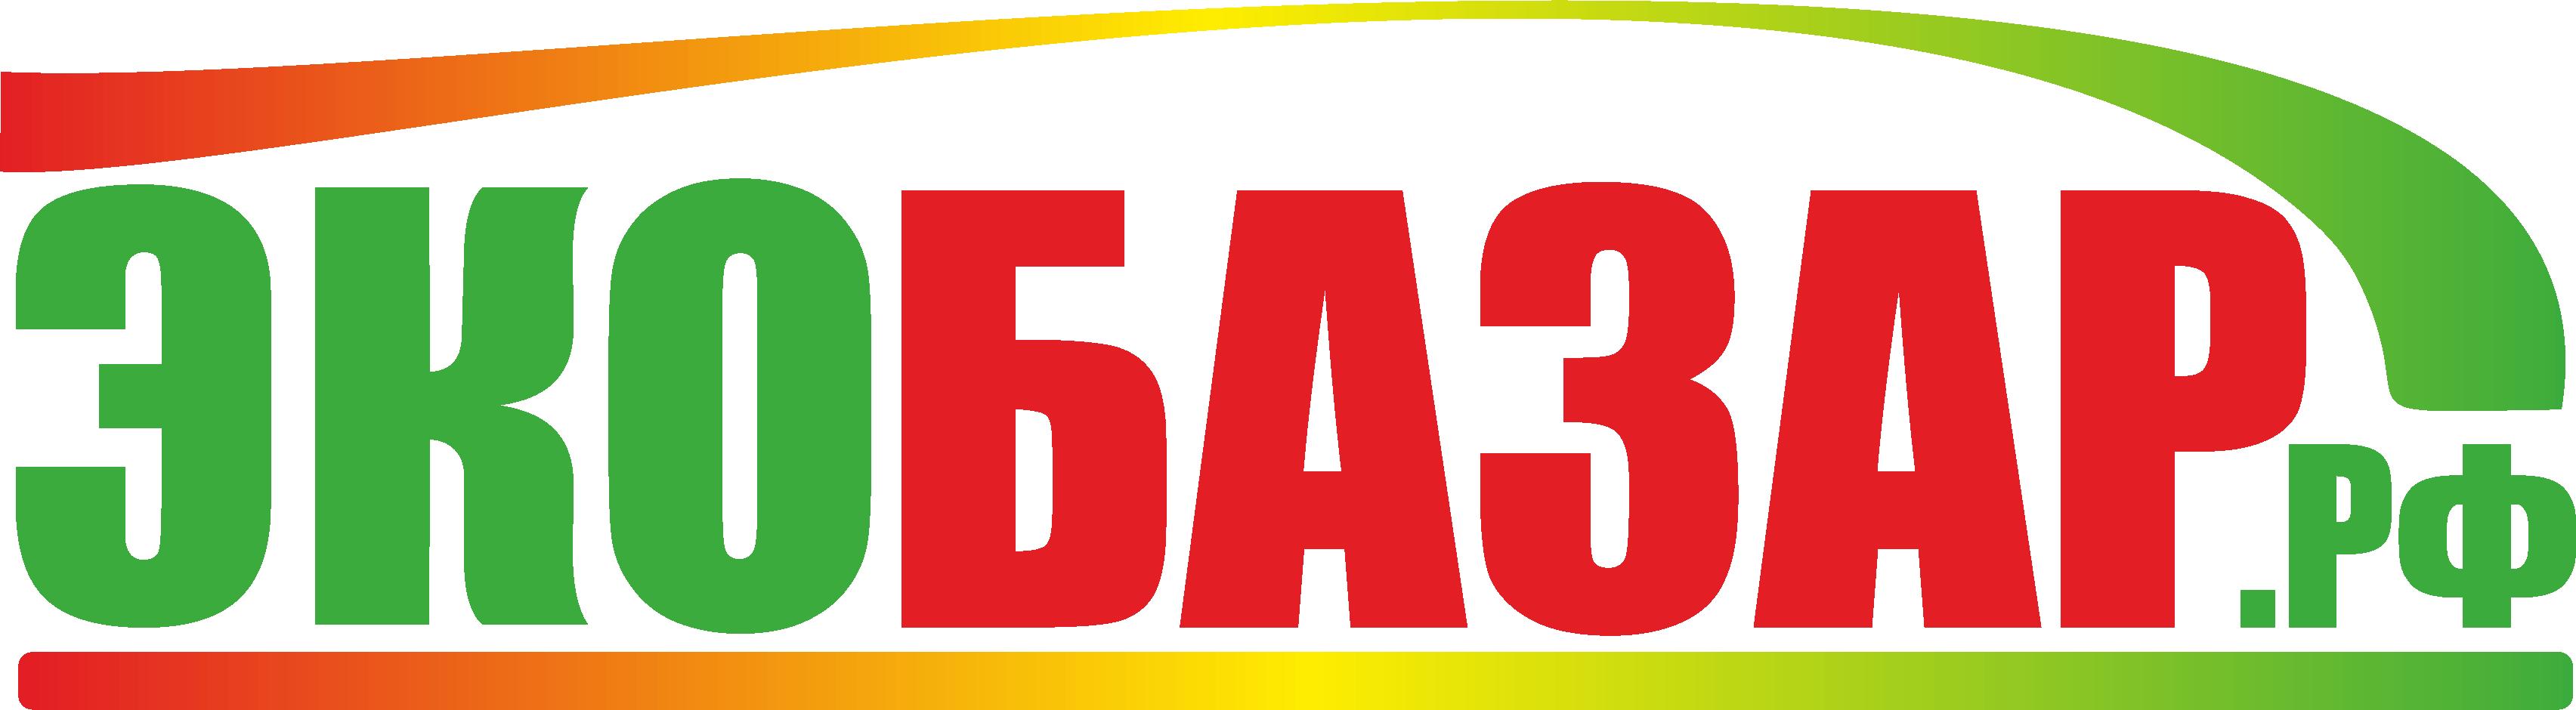 Логотип компании натуральных (фермерских) продуктов фото f_9605941264425410.png